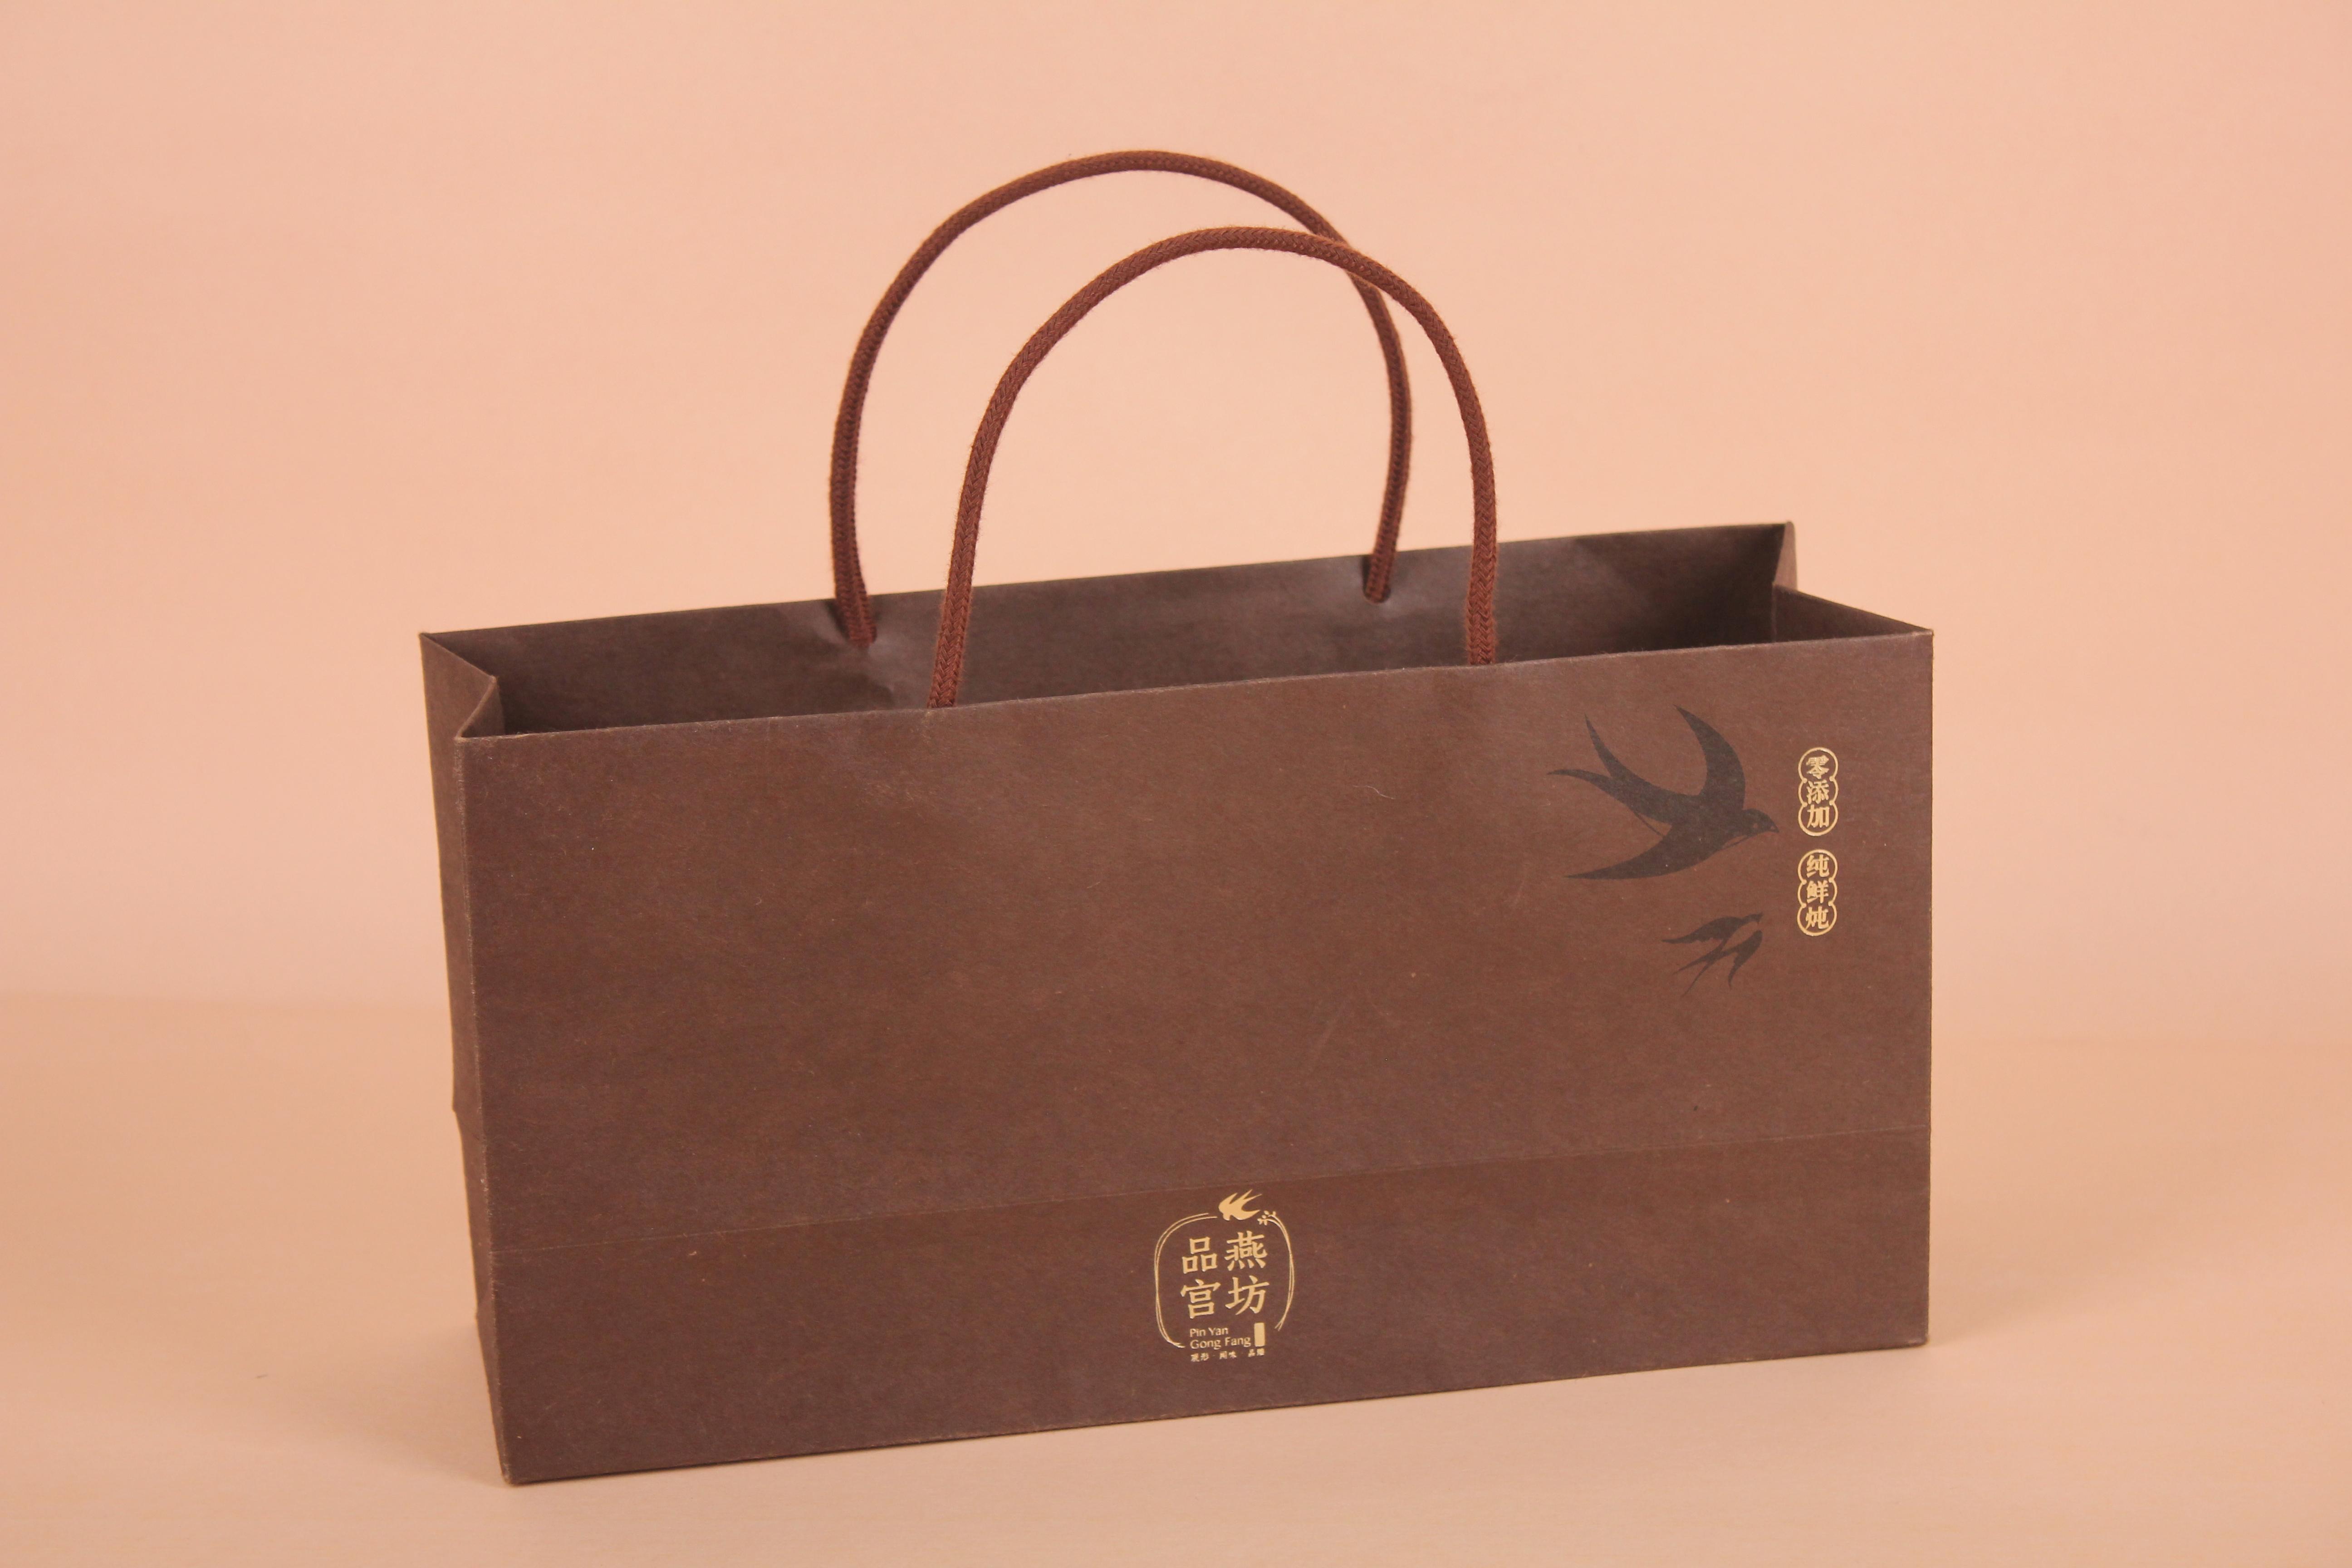 牛皮纸袋绿色且环保-杭州曲光包装材料有限公司图片